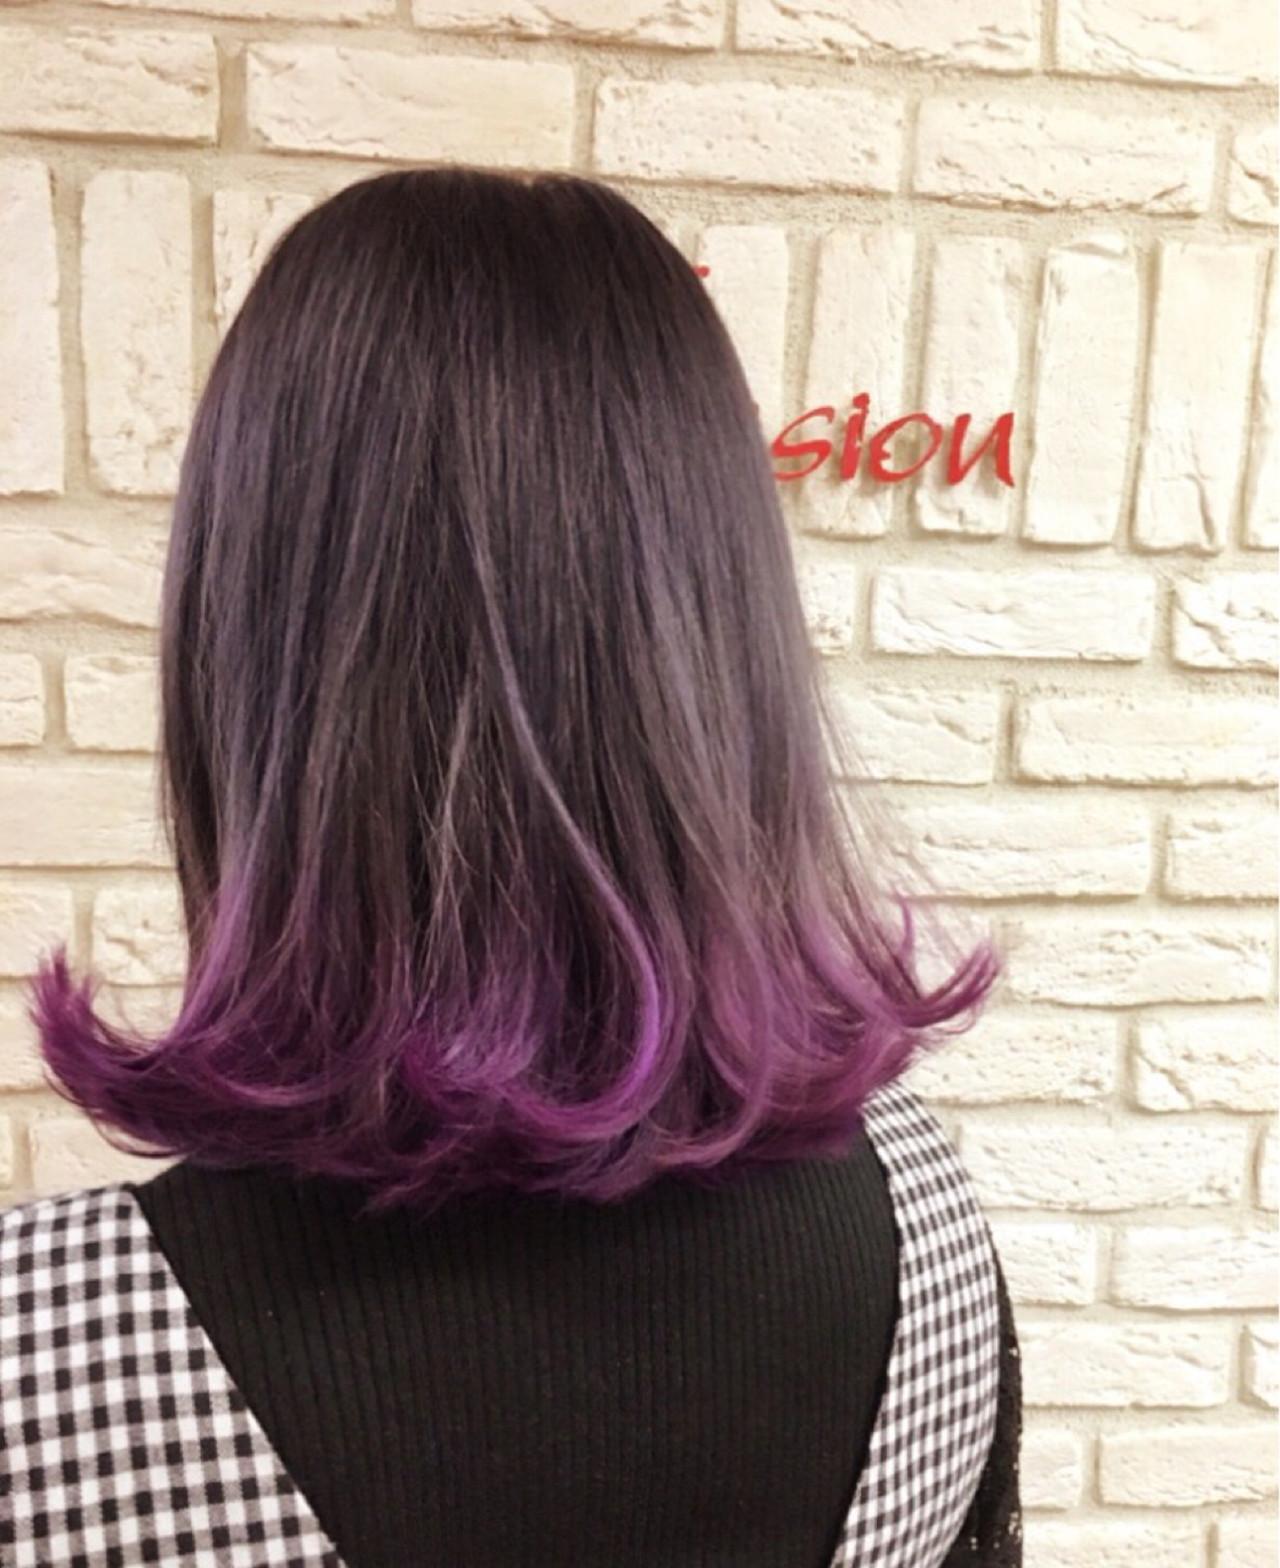 パープル ダブルカラー 原宿系 ストリート ヘアスタイルや髪型の写真・画像 | 渡海 典子 / Hair Mission